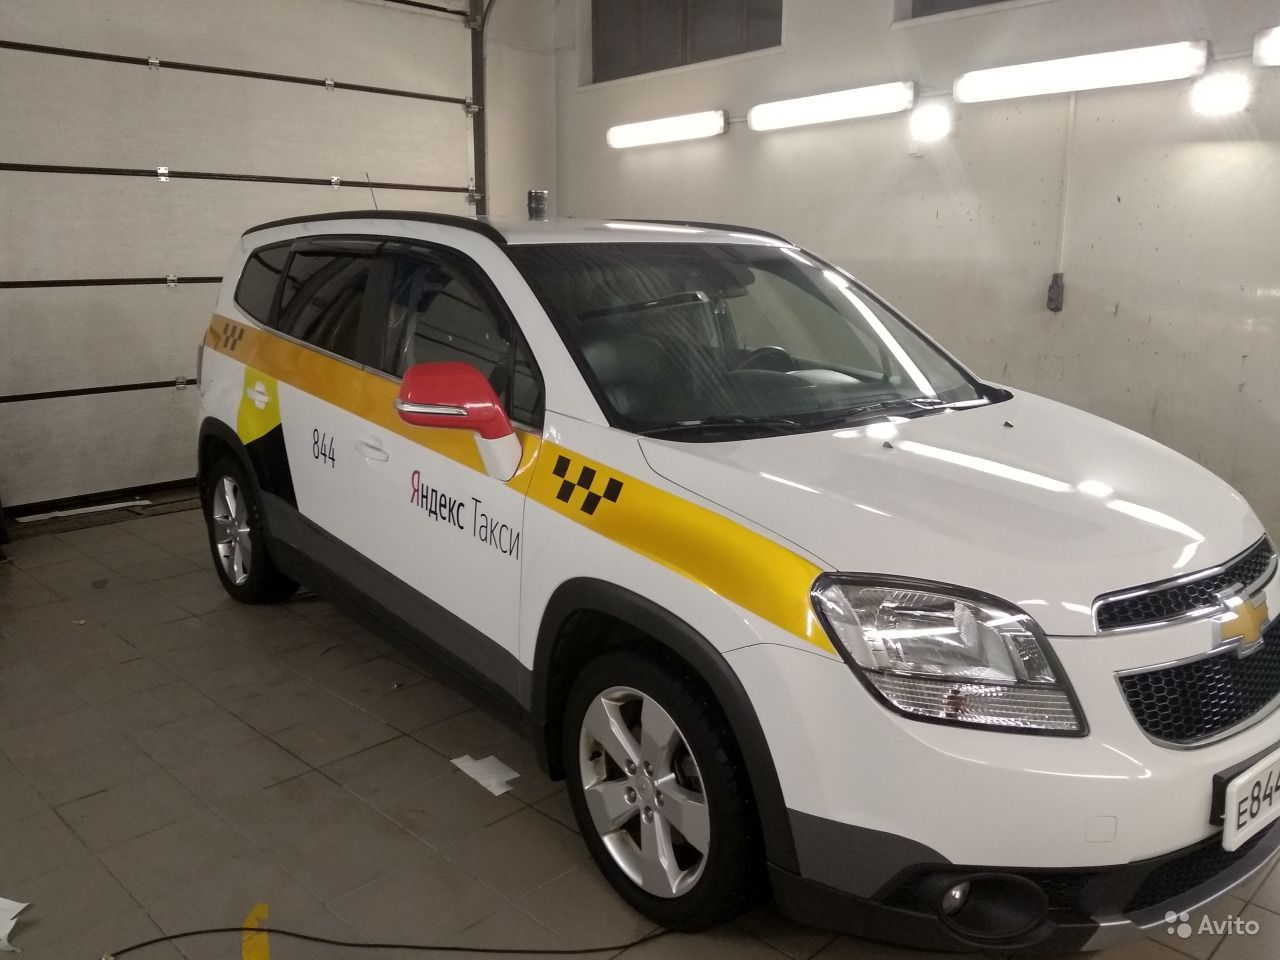 нестабильный оклейка автомобиля под такси фото в брянске символу этой раскраске